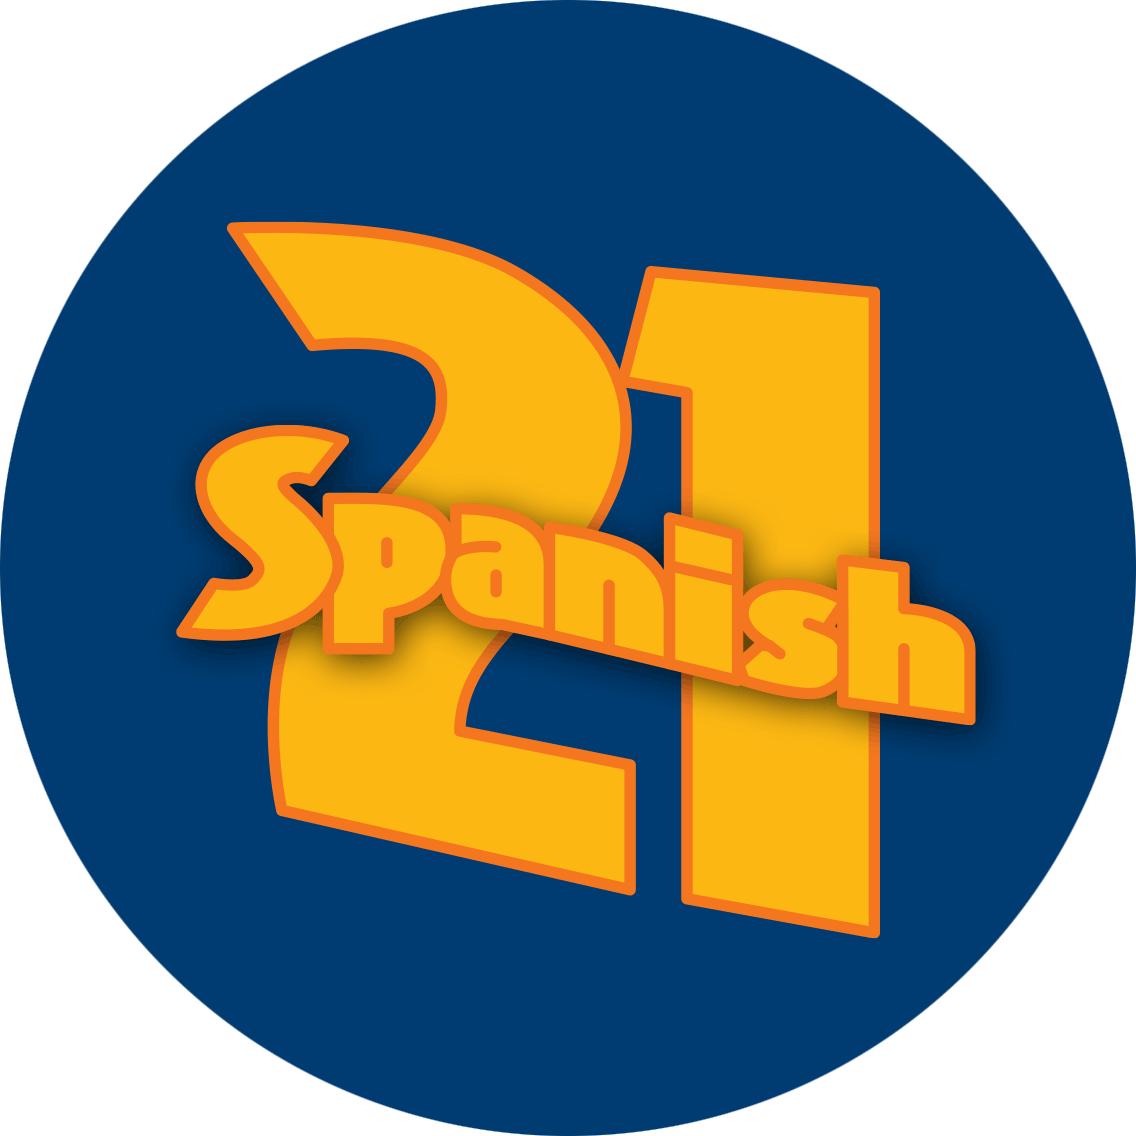 Spanish écrit par-dessus 21.